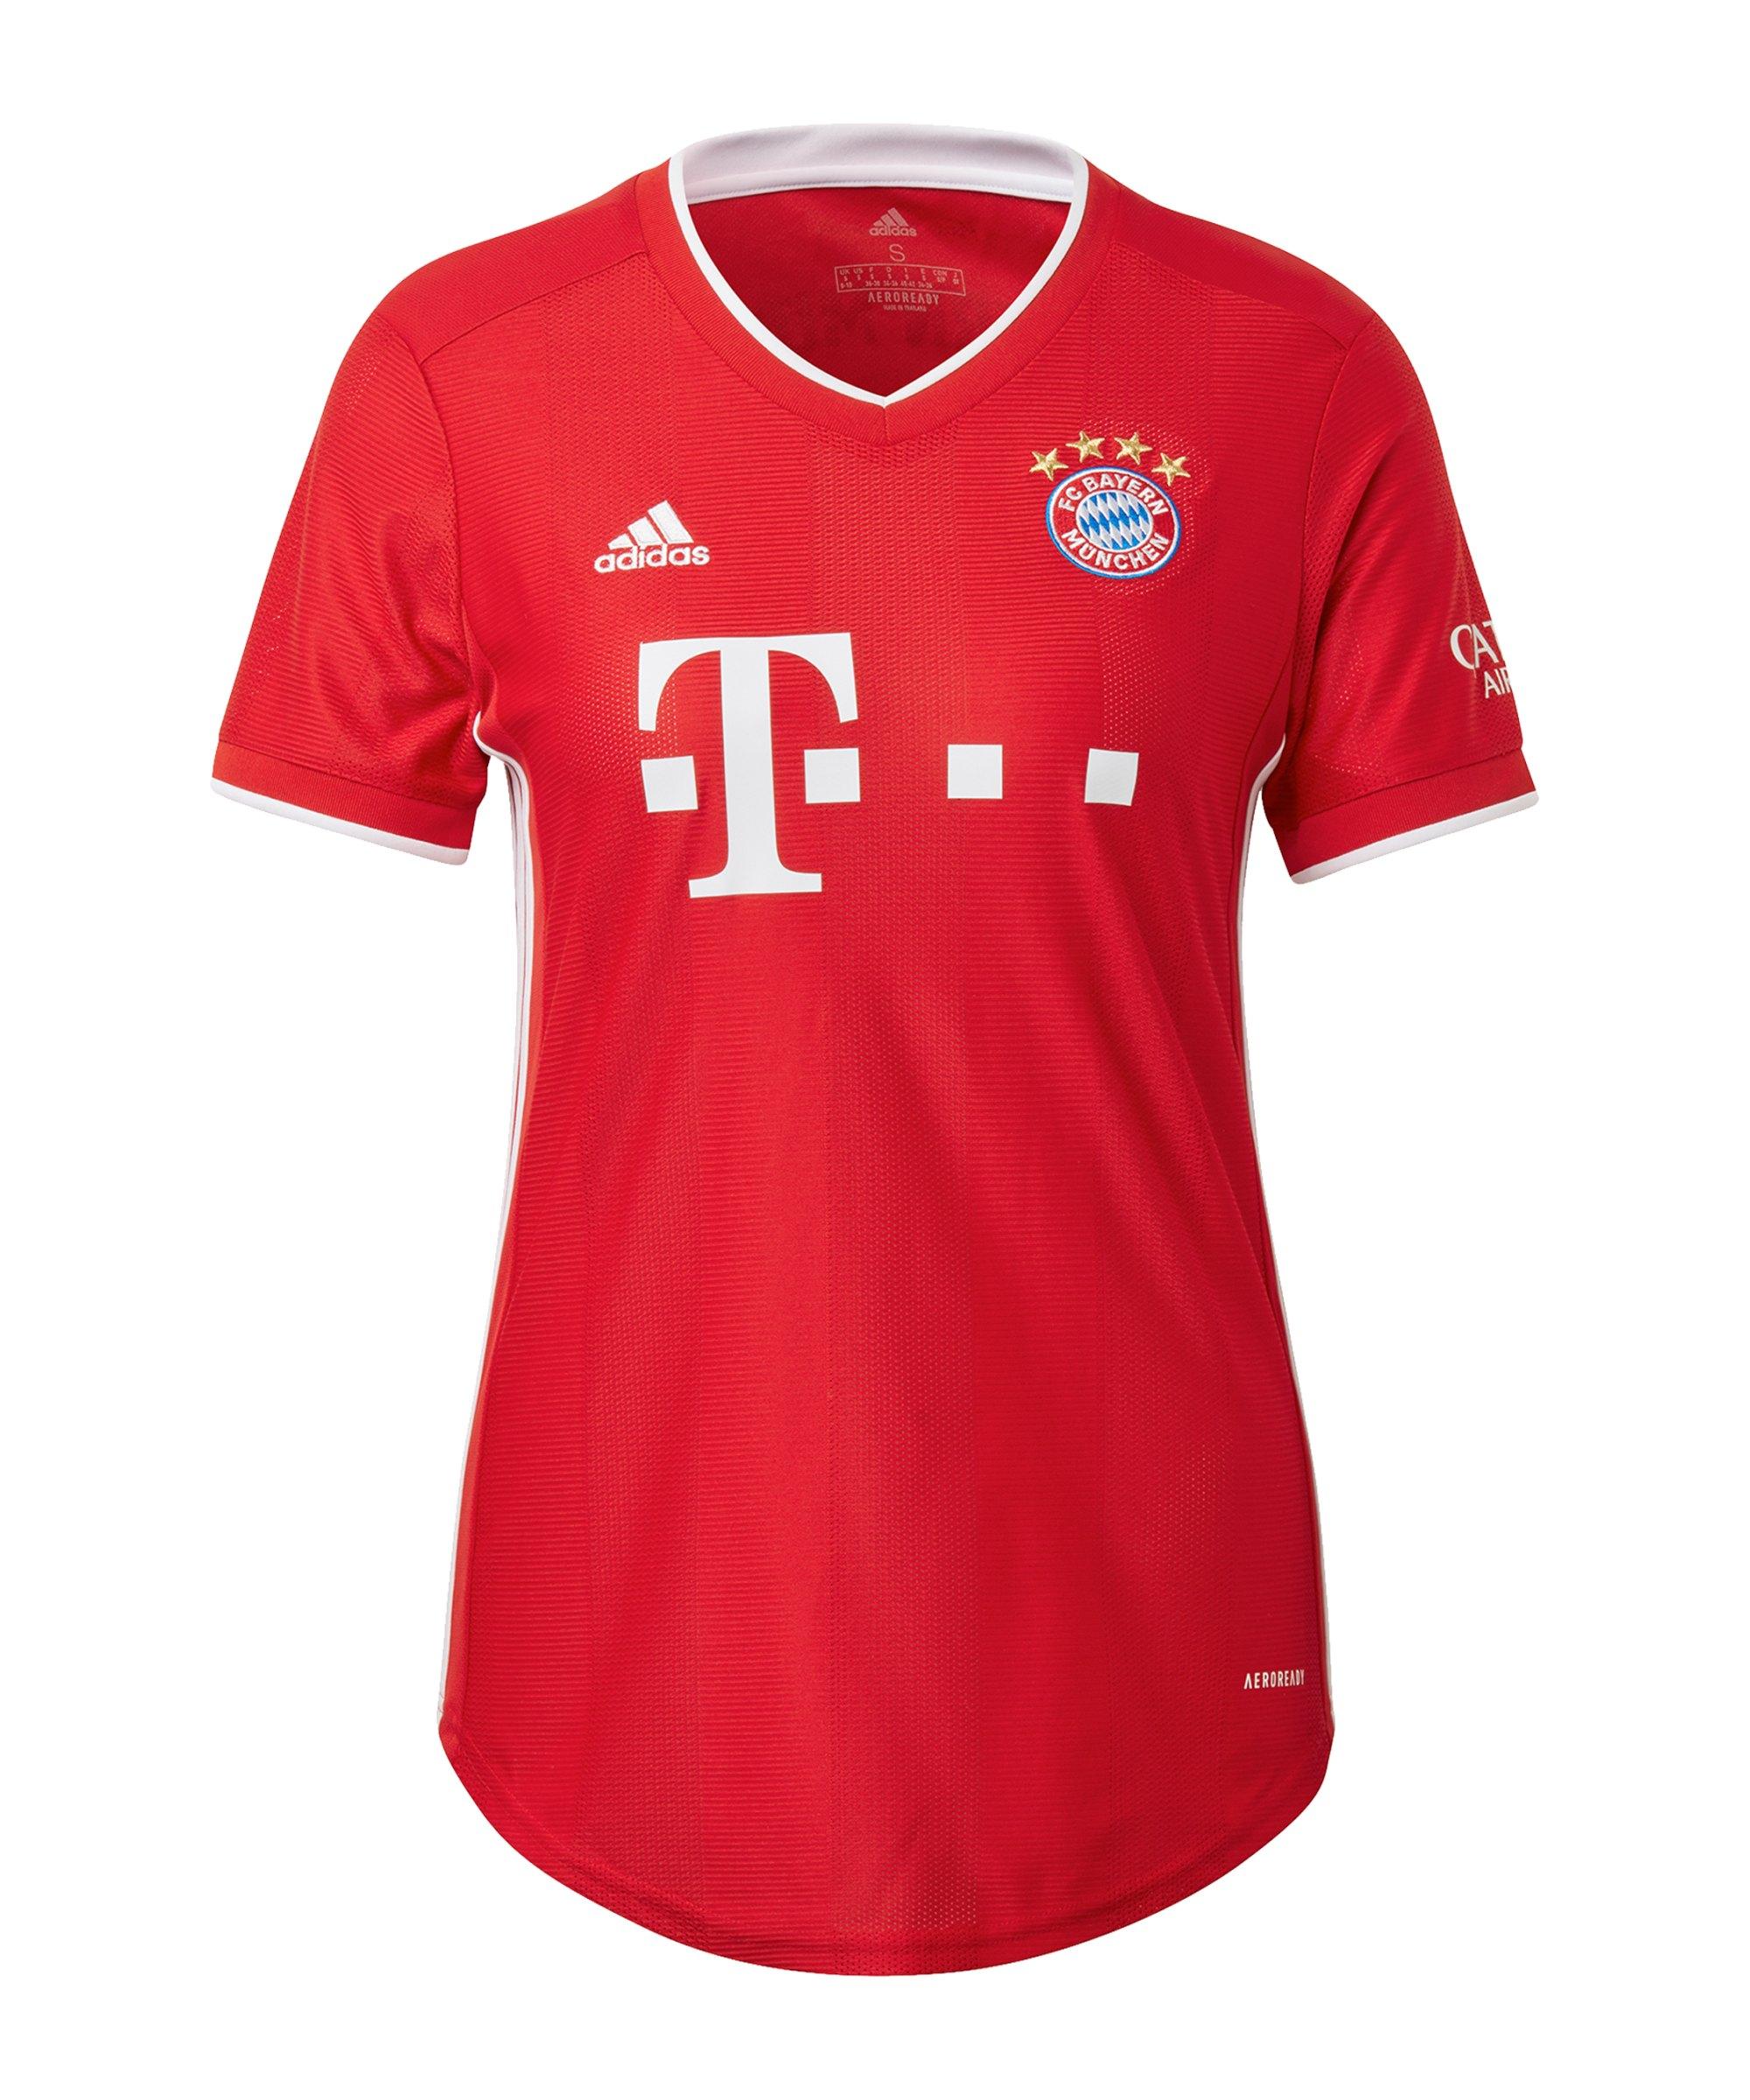 adidas FC Bayern München Trikot Home 2020/2021 Damen Rot - rot